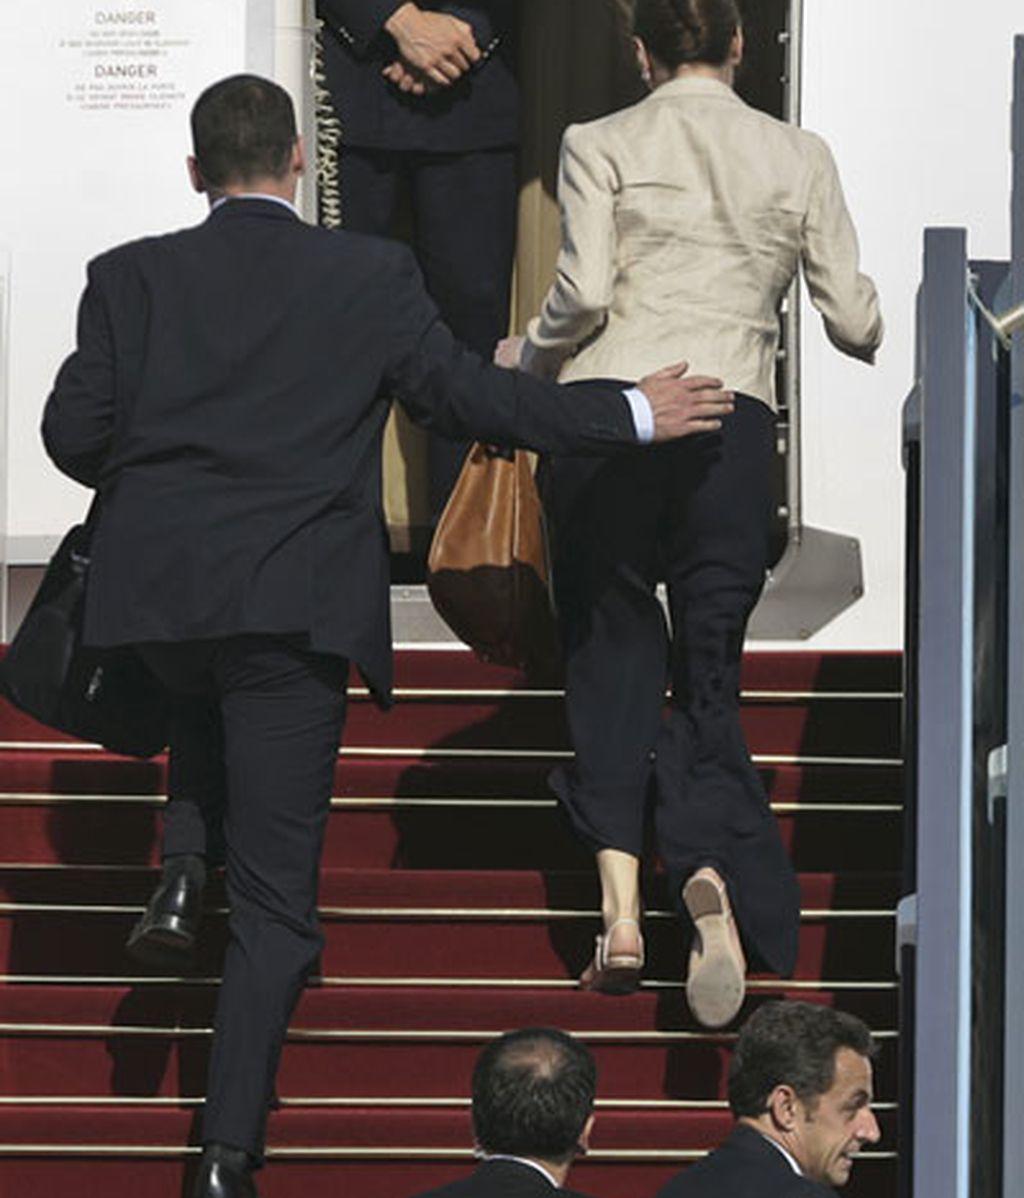 La seguridad del presidente francés ha introducido rápidamente a Sarkozy y Bruni en el avión. Vídeo: ATLAS